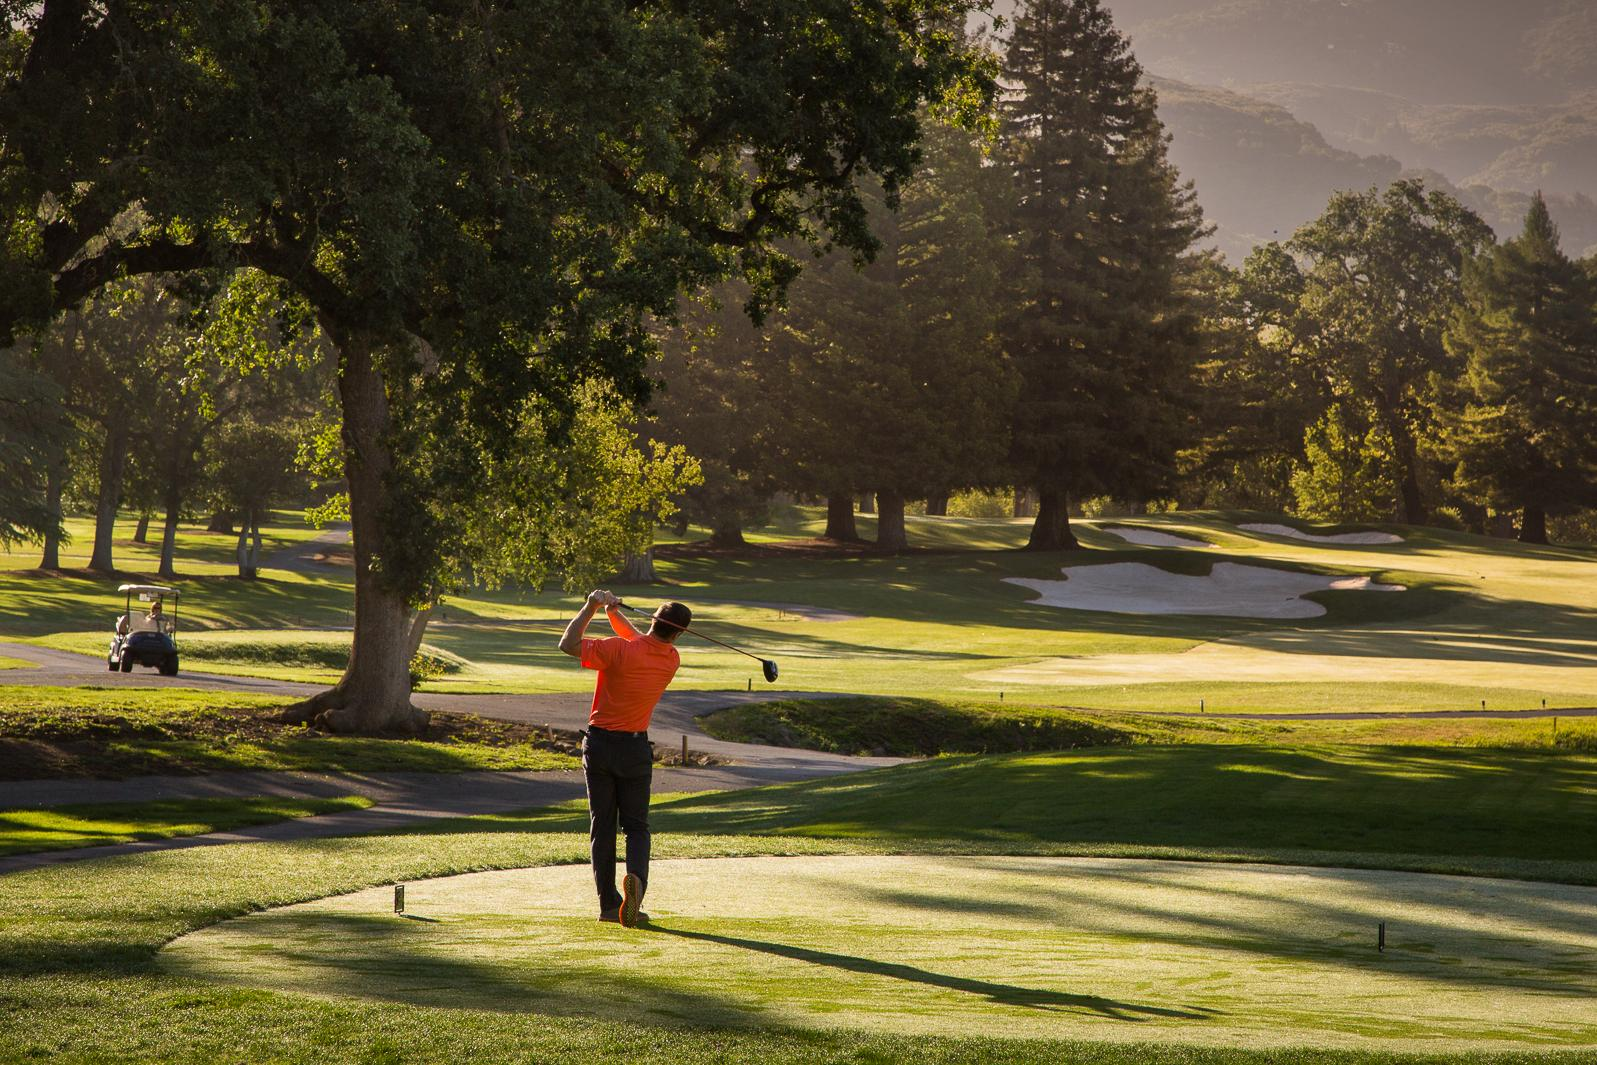 Image of man taking a golf shot